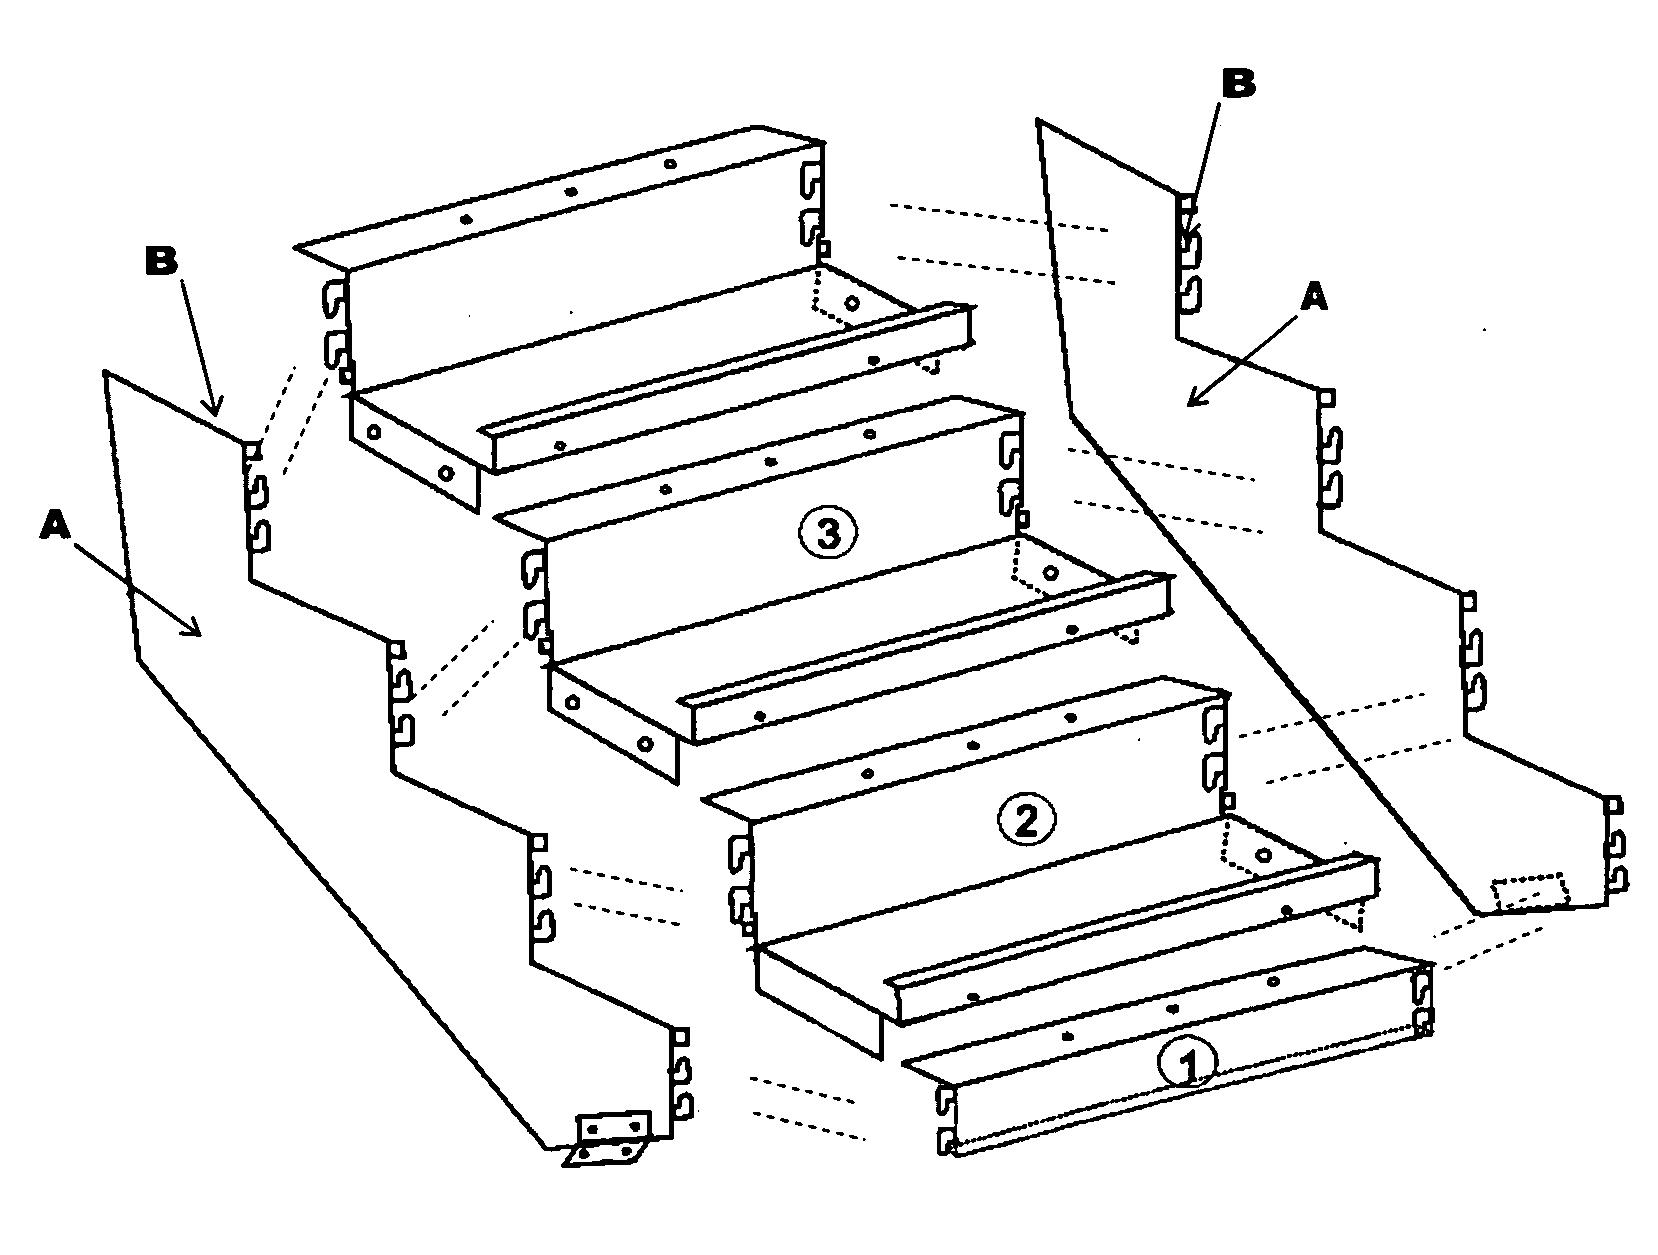 Wonderful Patent Drawing